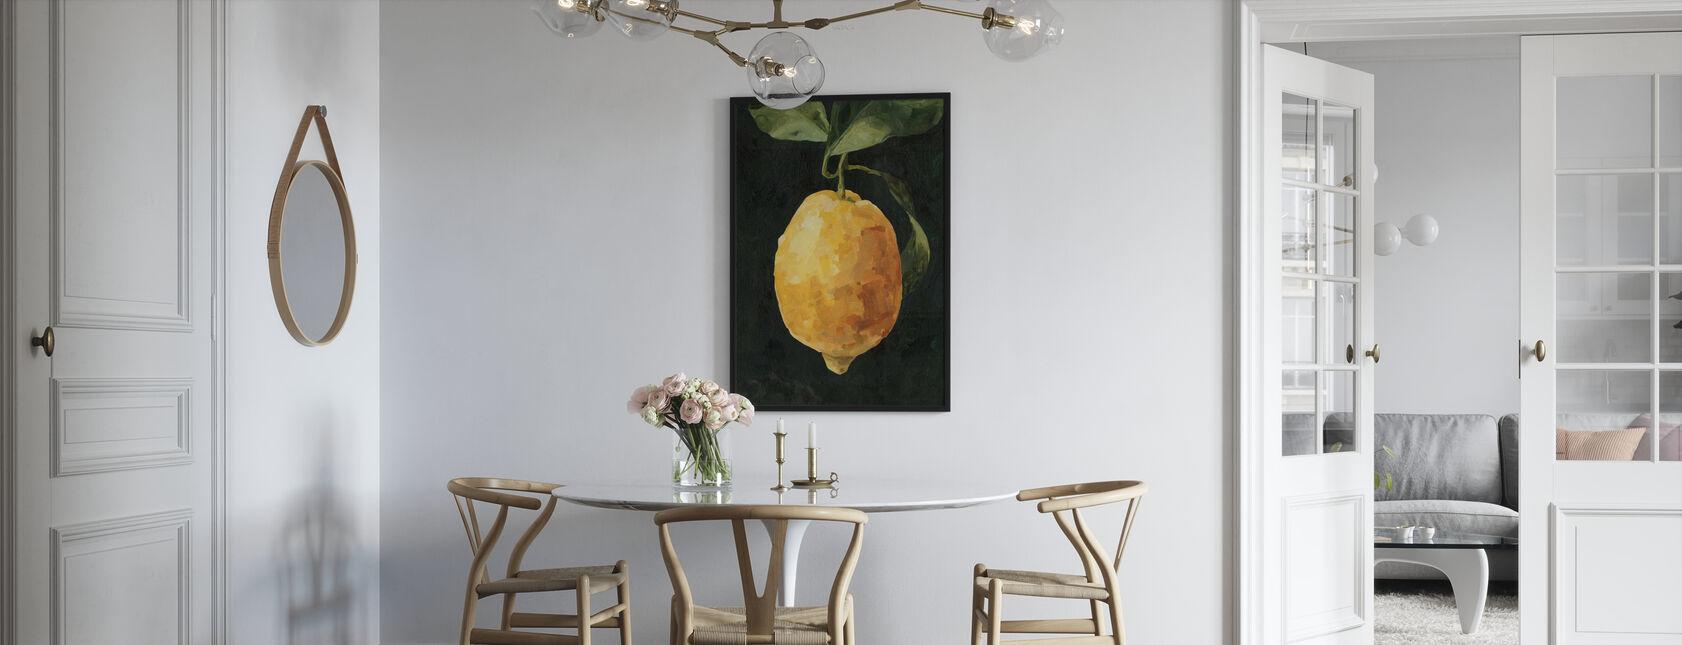 Dunkle Zitrone - Poster - Küchen